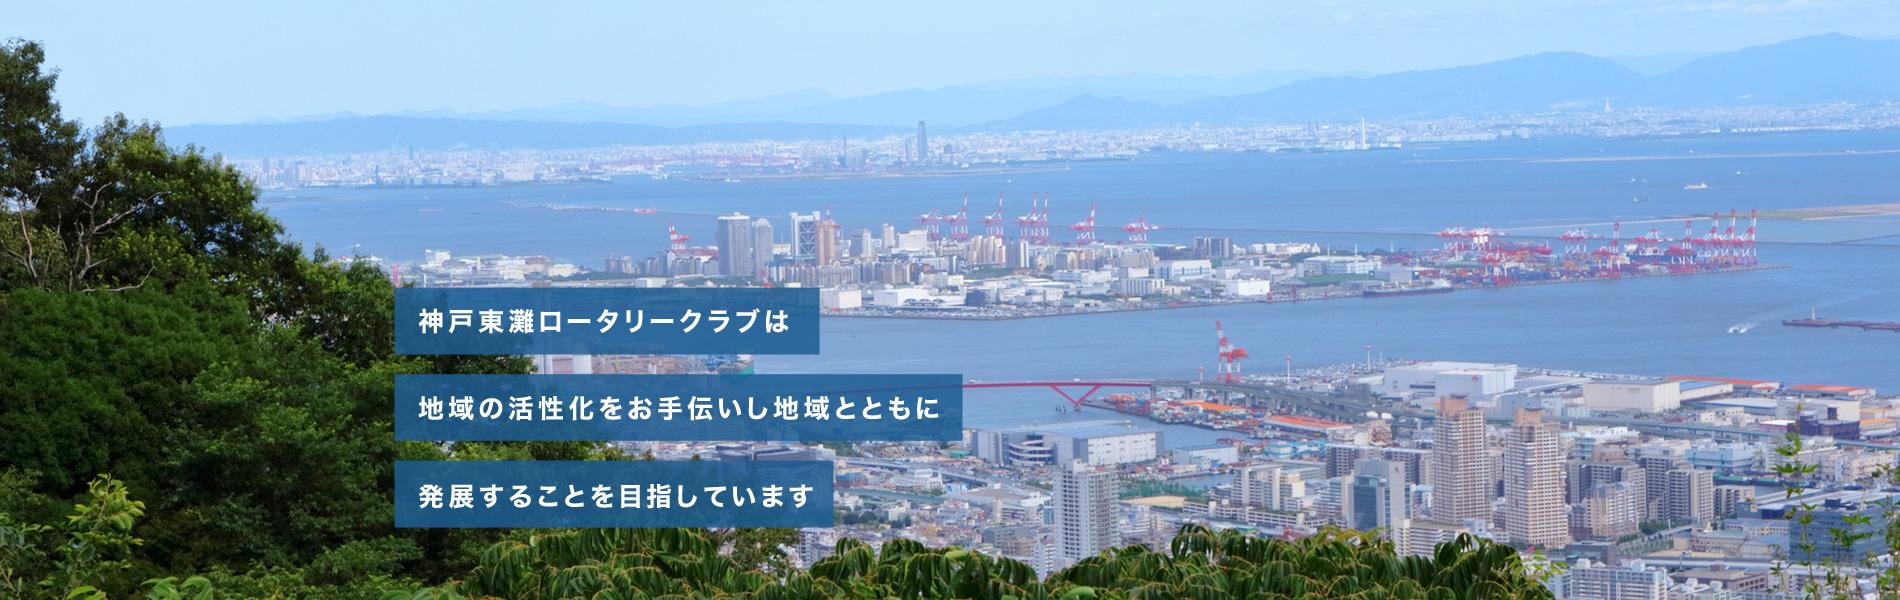 神戸東灘ロータリークラブは地域の活性化をお手伝いし地域とともに発展することを目指しています